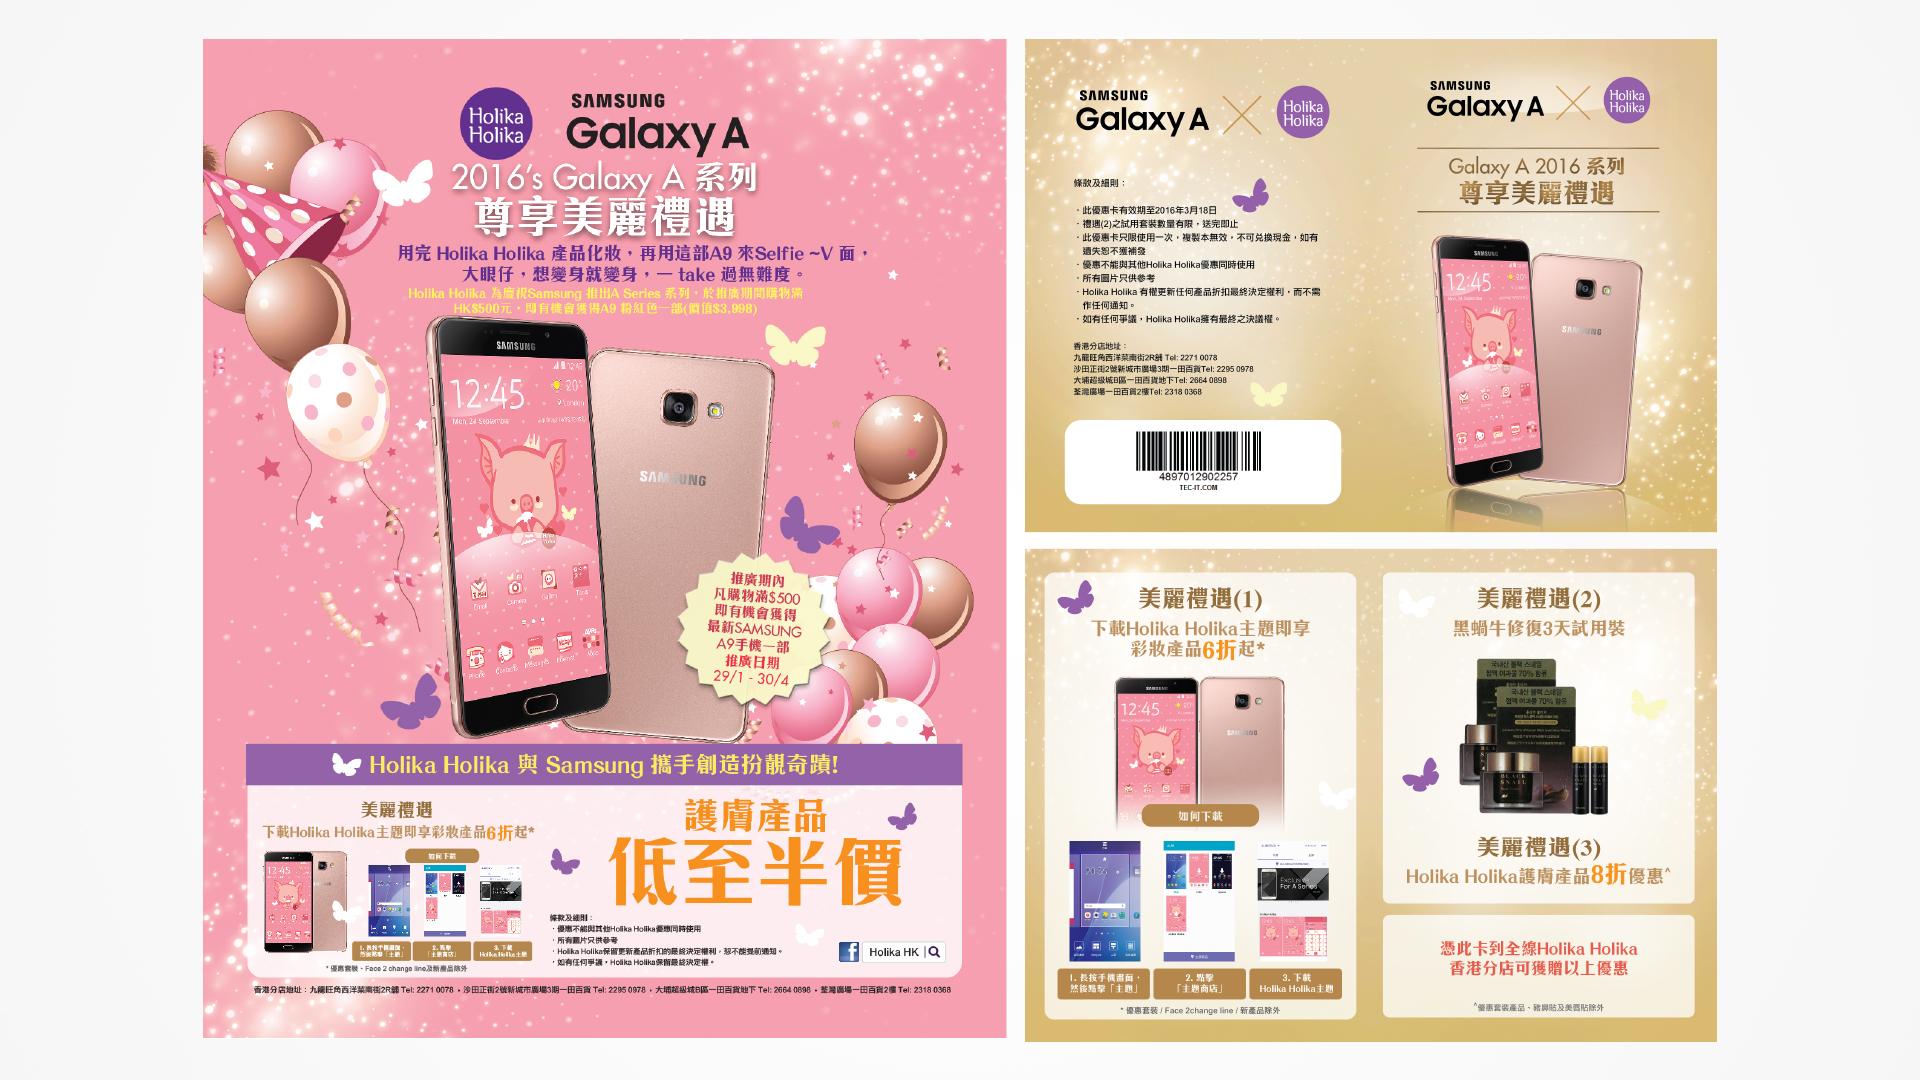 Holika Holika X Samsung Galaxy A Campaign